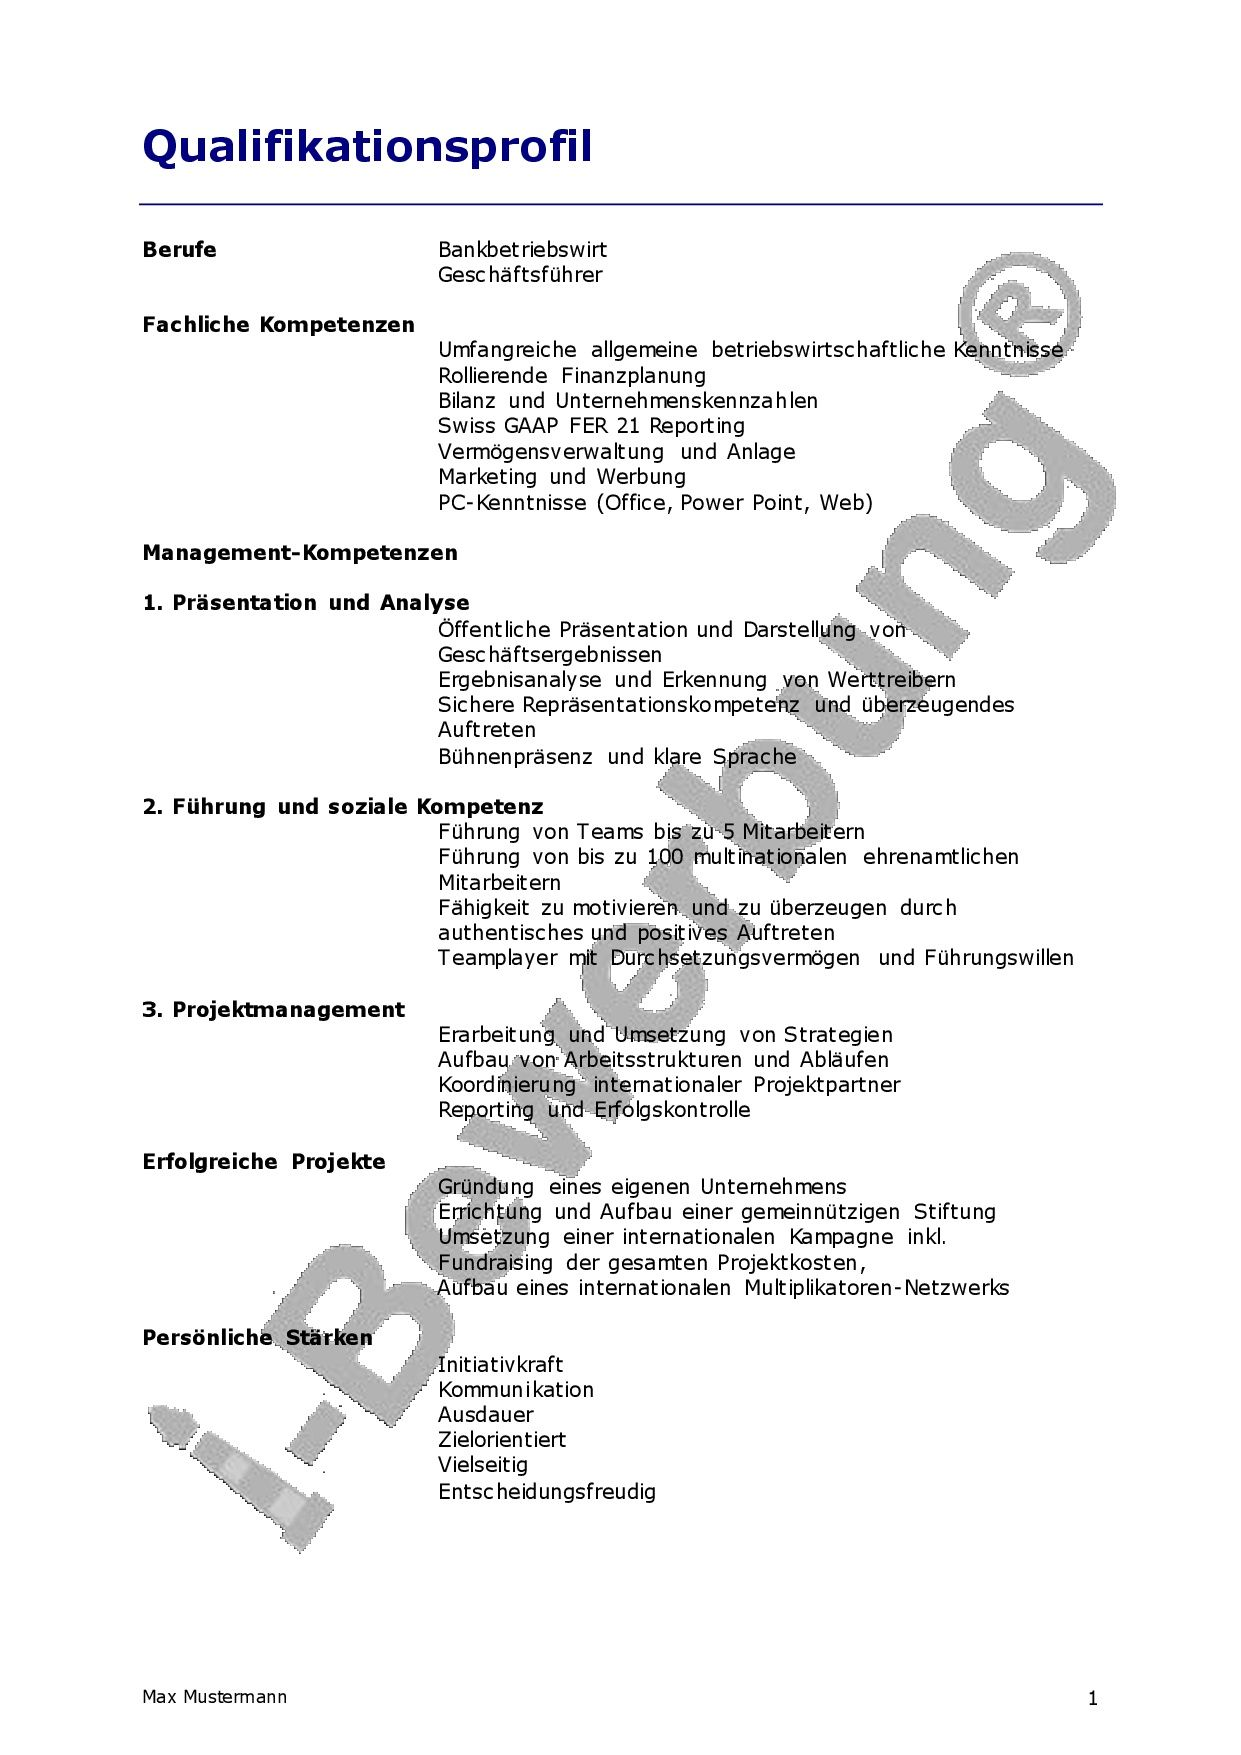 Das Kompetenzprofil Zur Bewerbung Personalmanagement 11